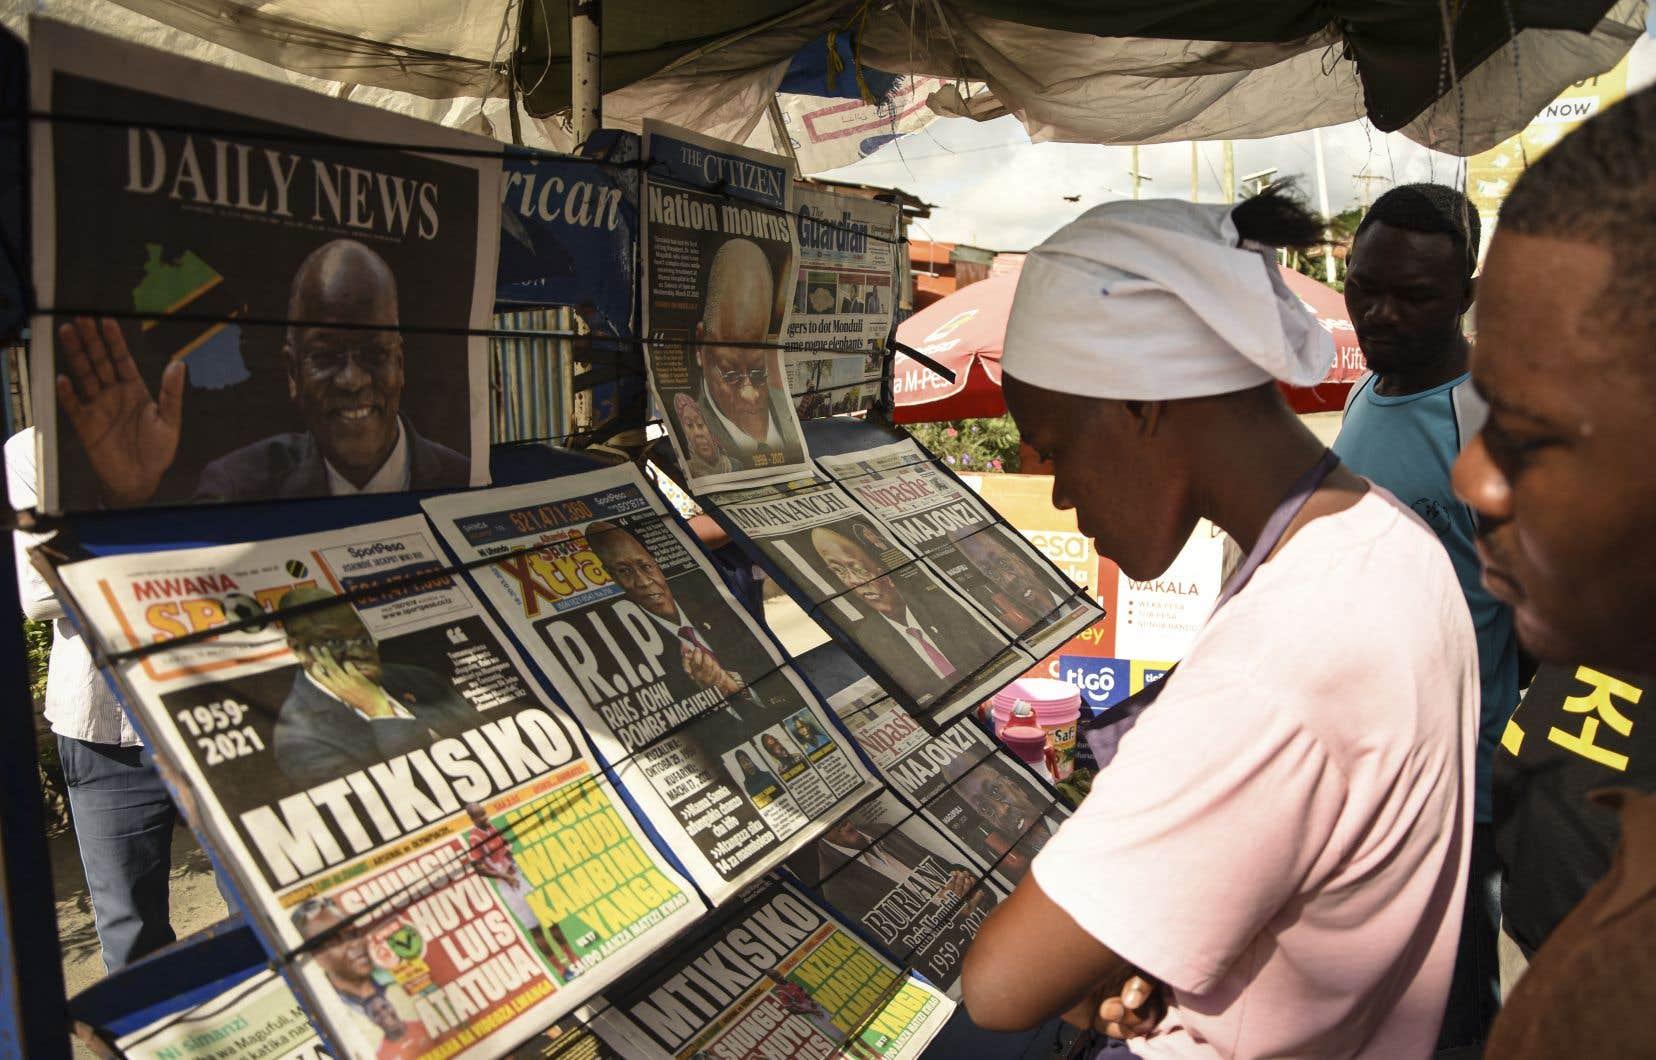 À la tête du pays depuis 2015, John Magufuli, 61ans, est officiellement mort mercredi de problèmes cardiaques, a déclaré Samia Suluhu Hassan,.